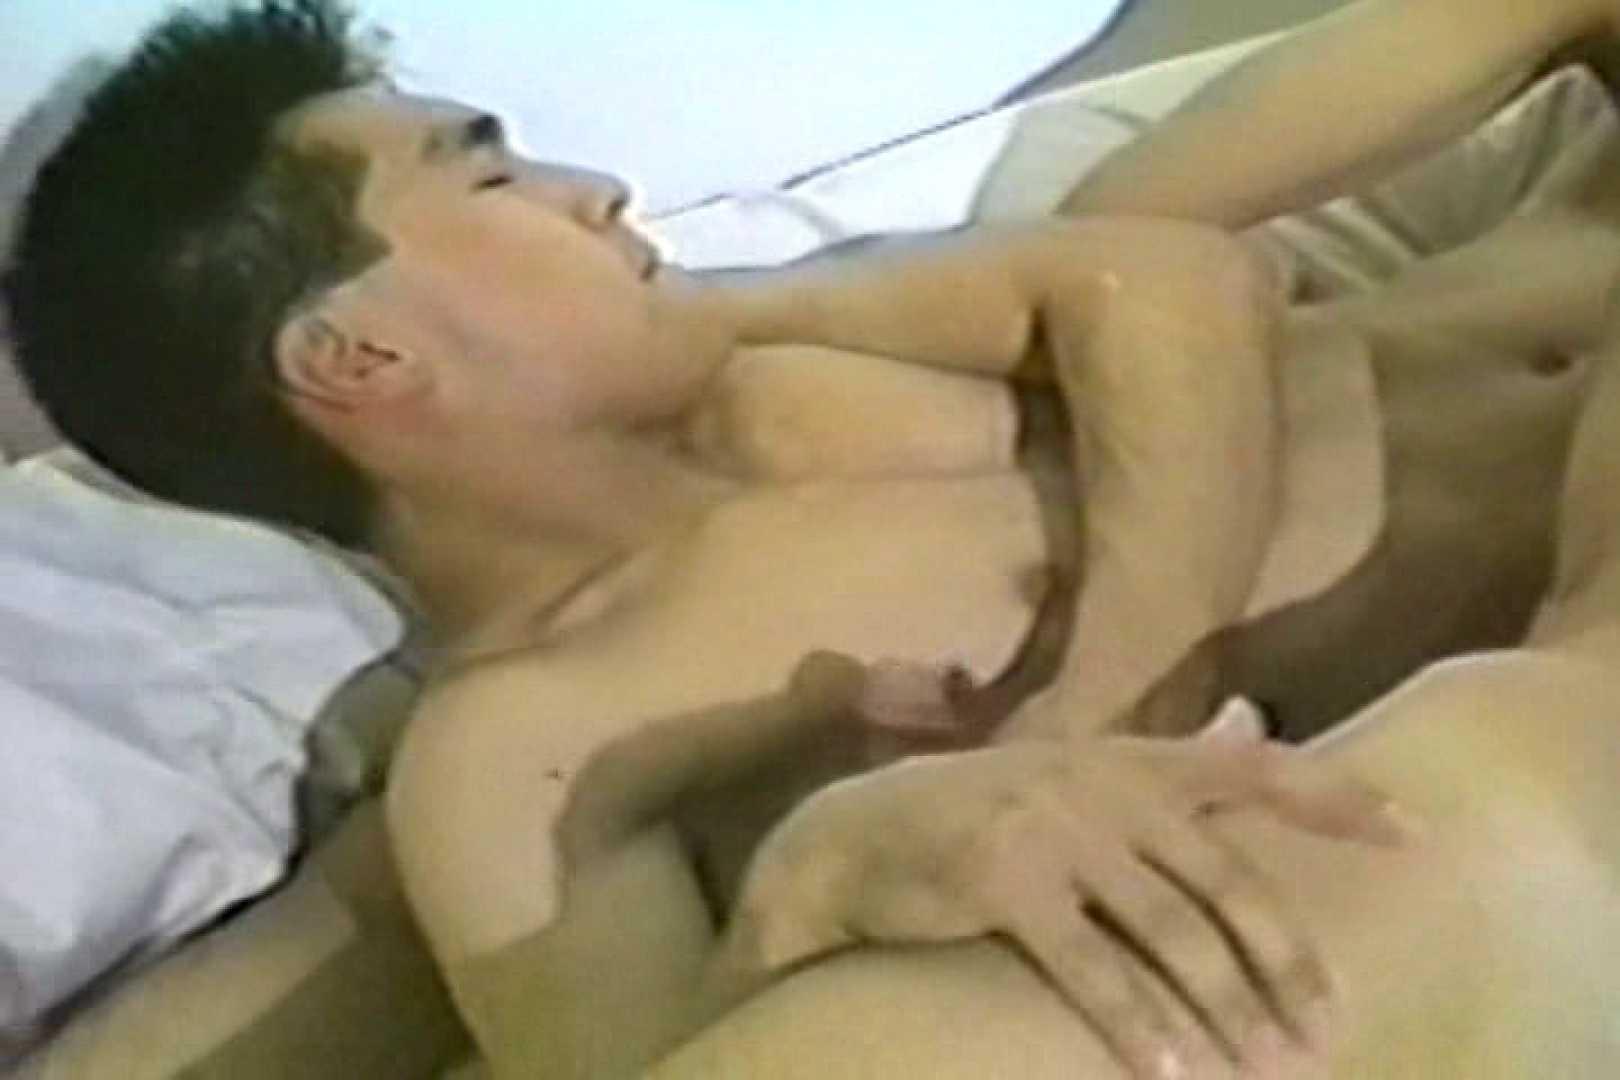 往年の名作 あの頃は若かった!Vol.07 アナル舐め ゲイ肛門画像 62pic 50